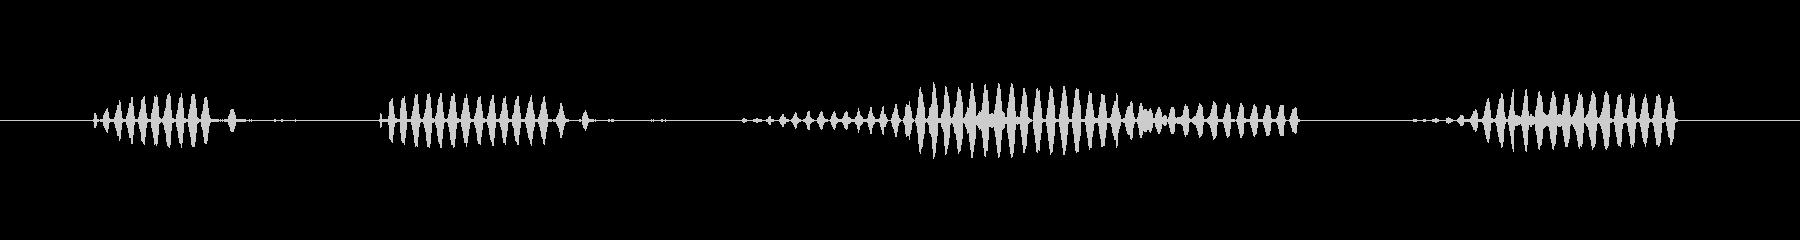 コオロギの連続的な鳴き声の未再生の波形